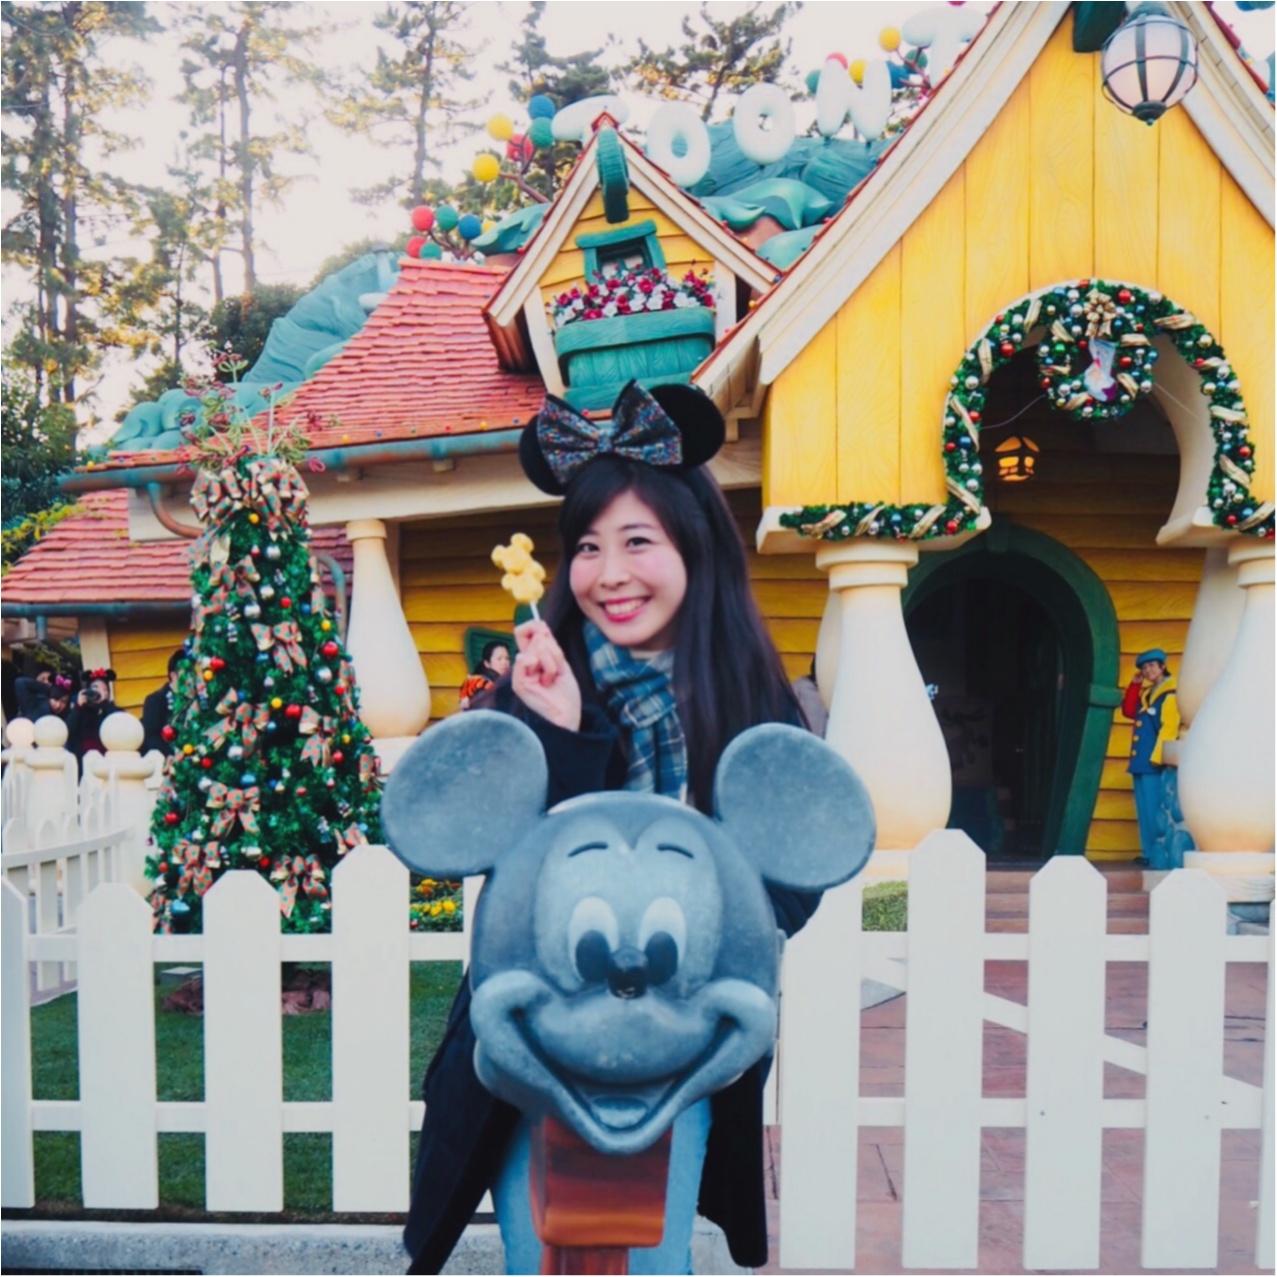 《Disneyland》にお出かけしたら絶対撮りたい❤︎ 可愛い&お洒落な写真は《ココとコレ》を押さえましょう☝︎★_3